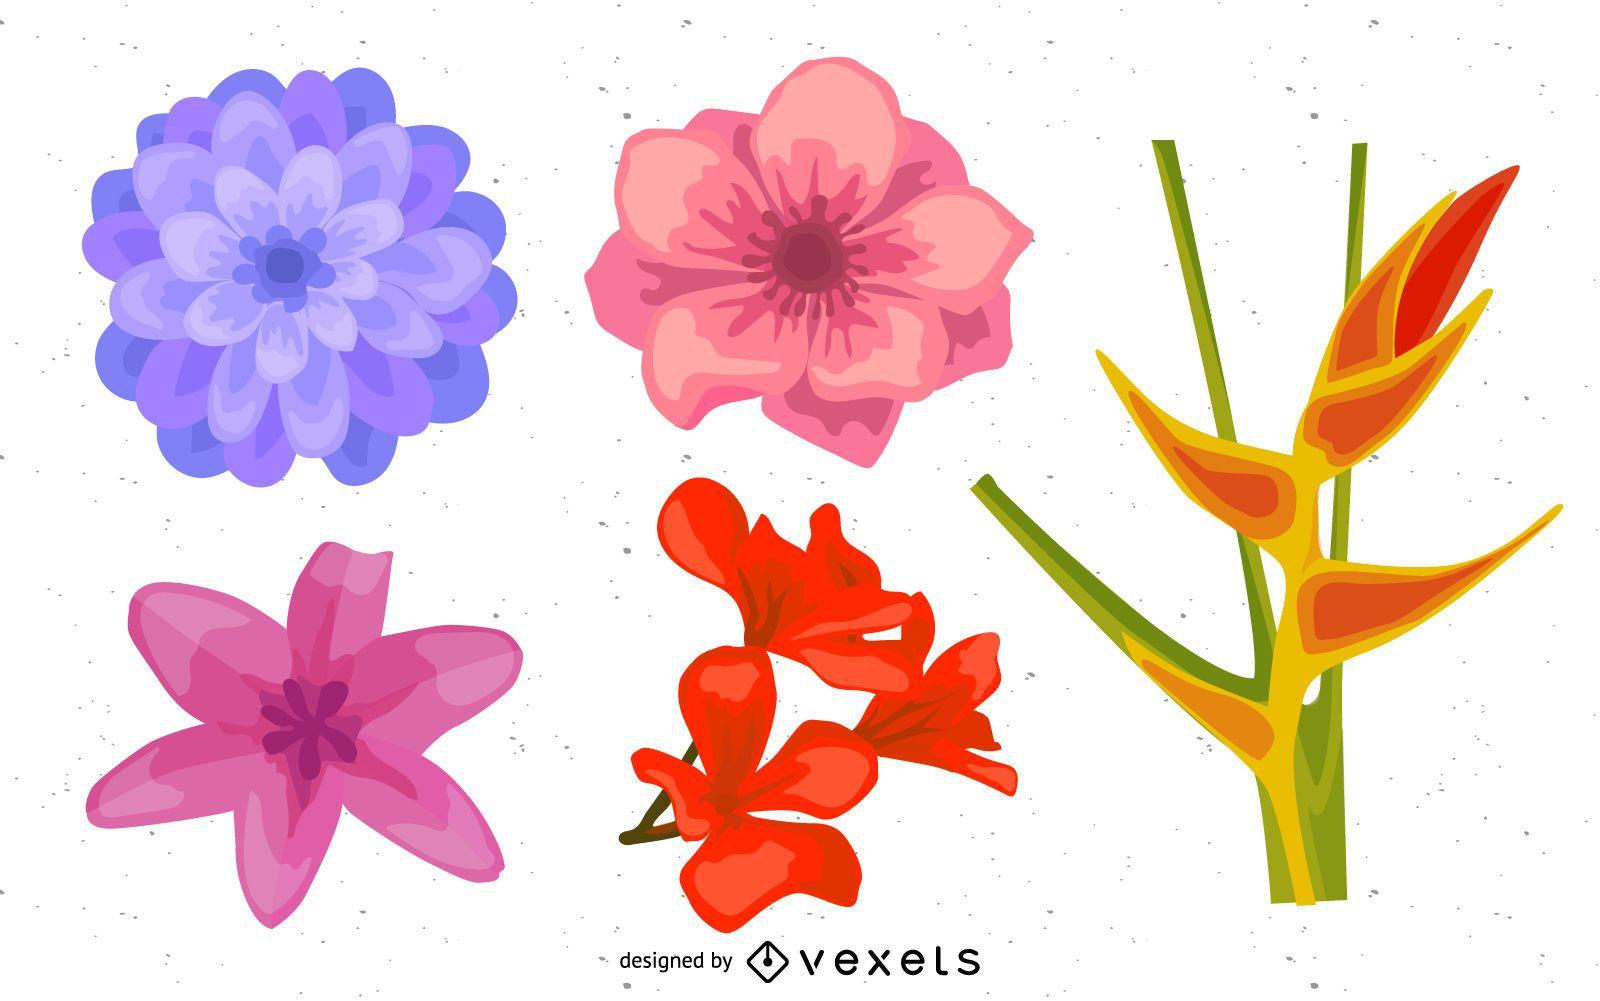 Hermoso conjunto de ilustraci?n de cabezas de flores realistas